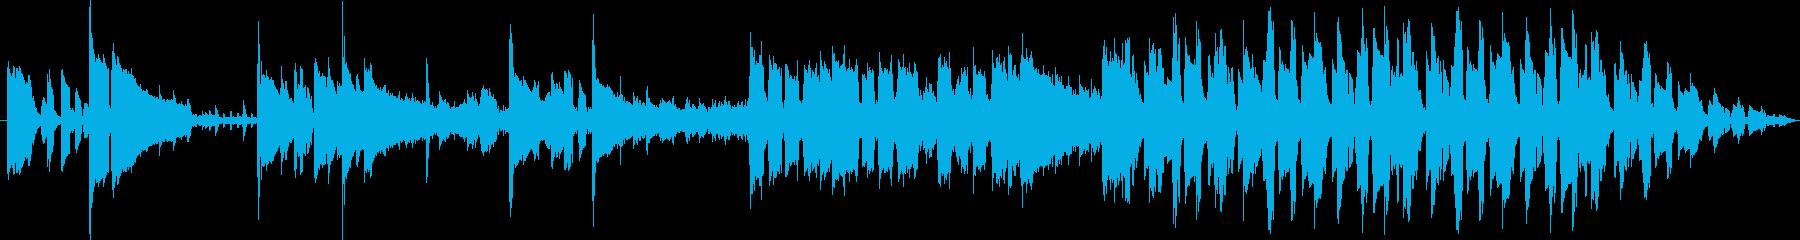 リズミカルなポップスの再生済みの波形